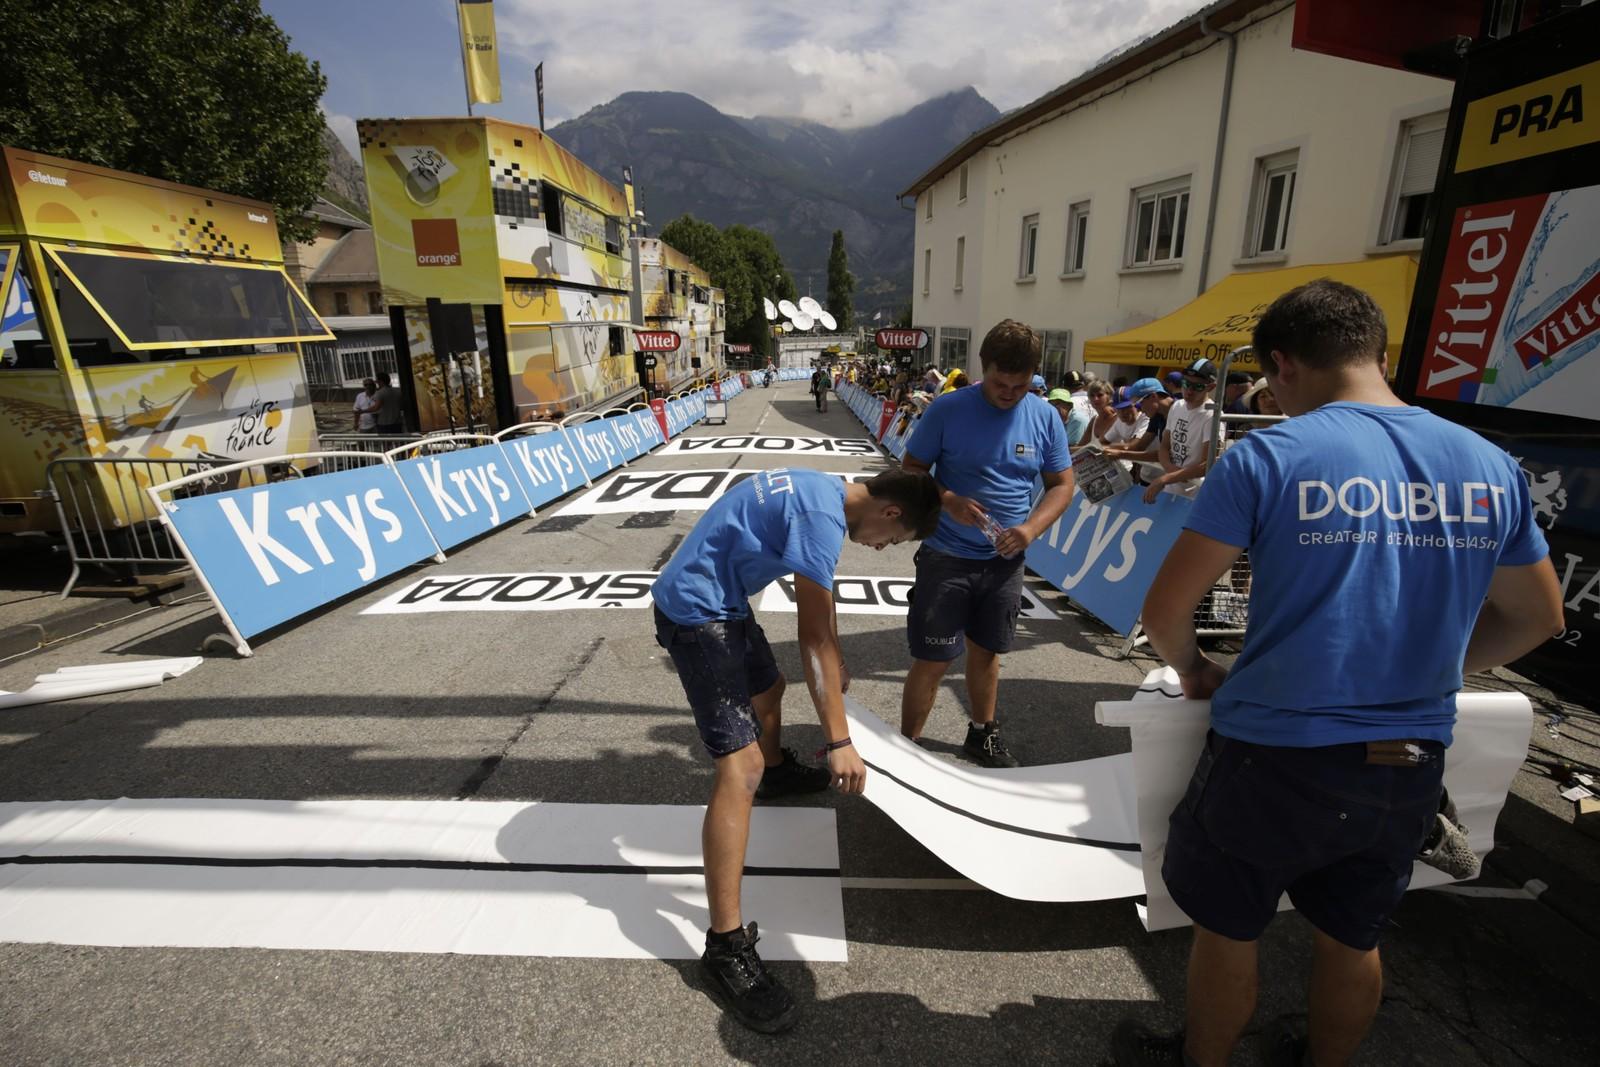 Mållinjen legges ned på den 18. etappen. AFP PHOTO / KENZO TRIBOUILLARD 560076731